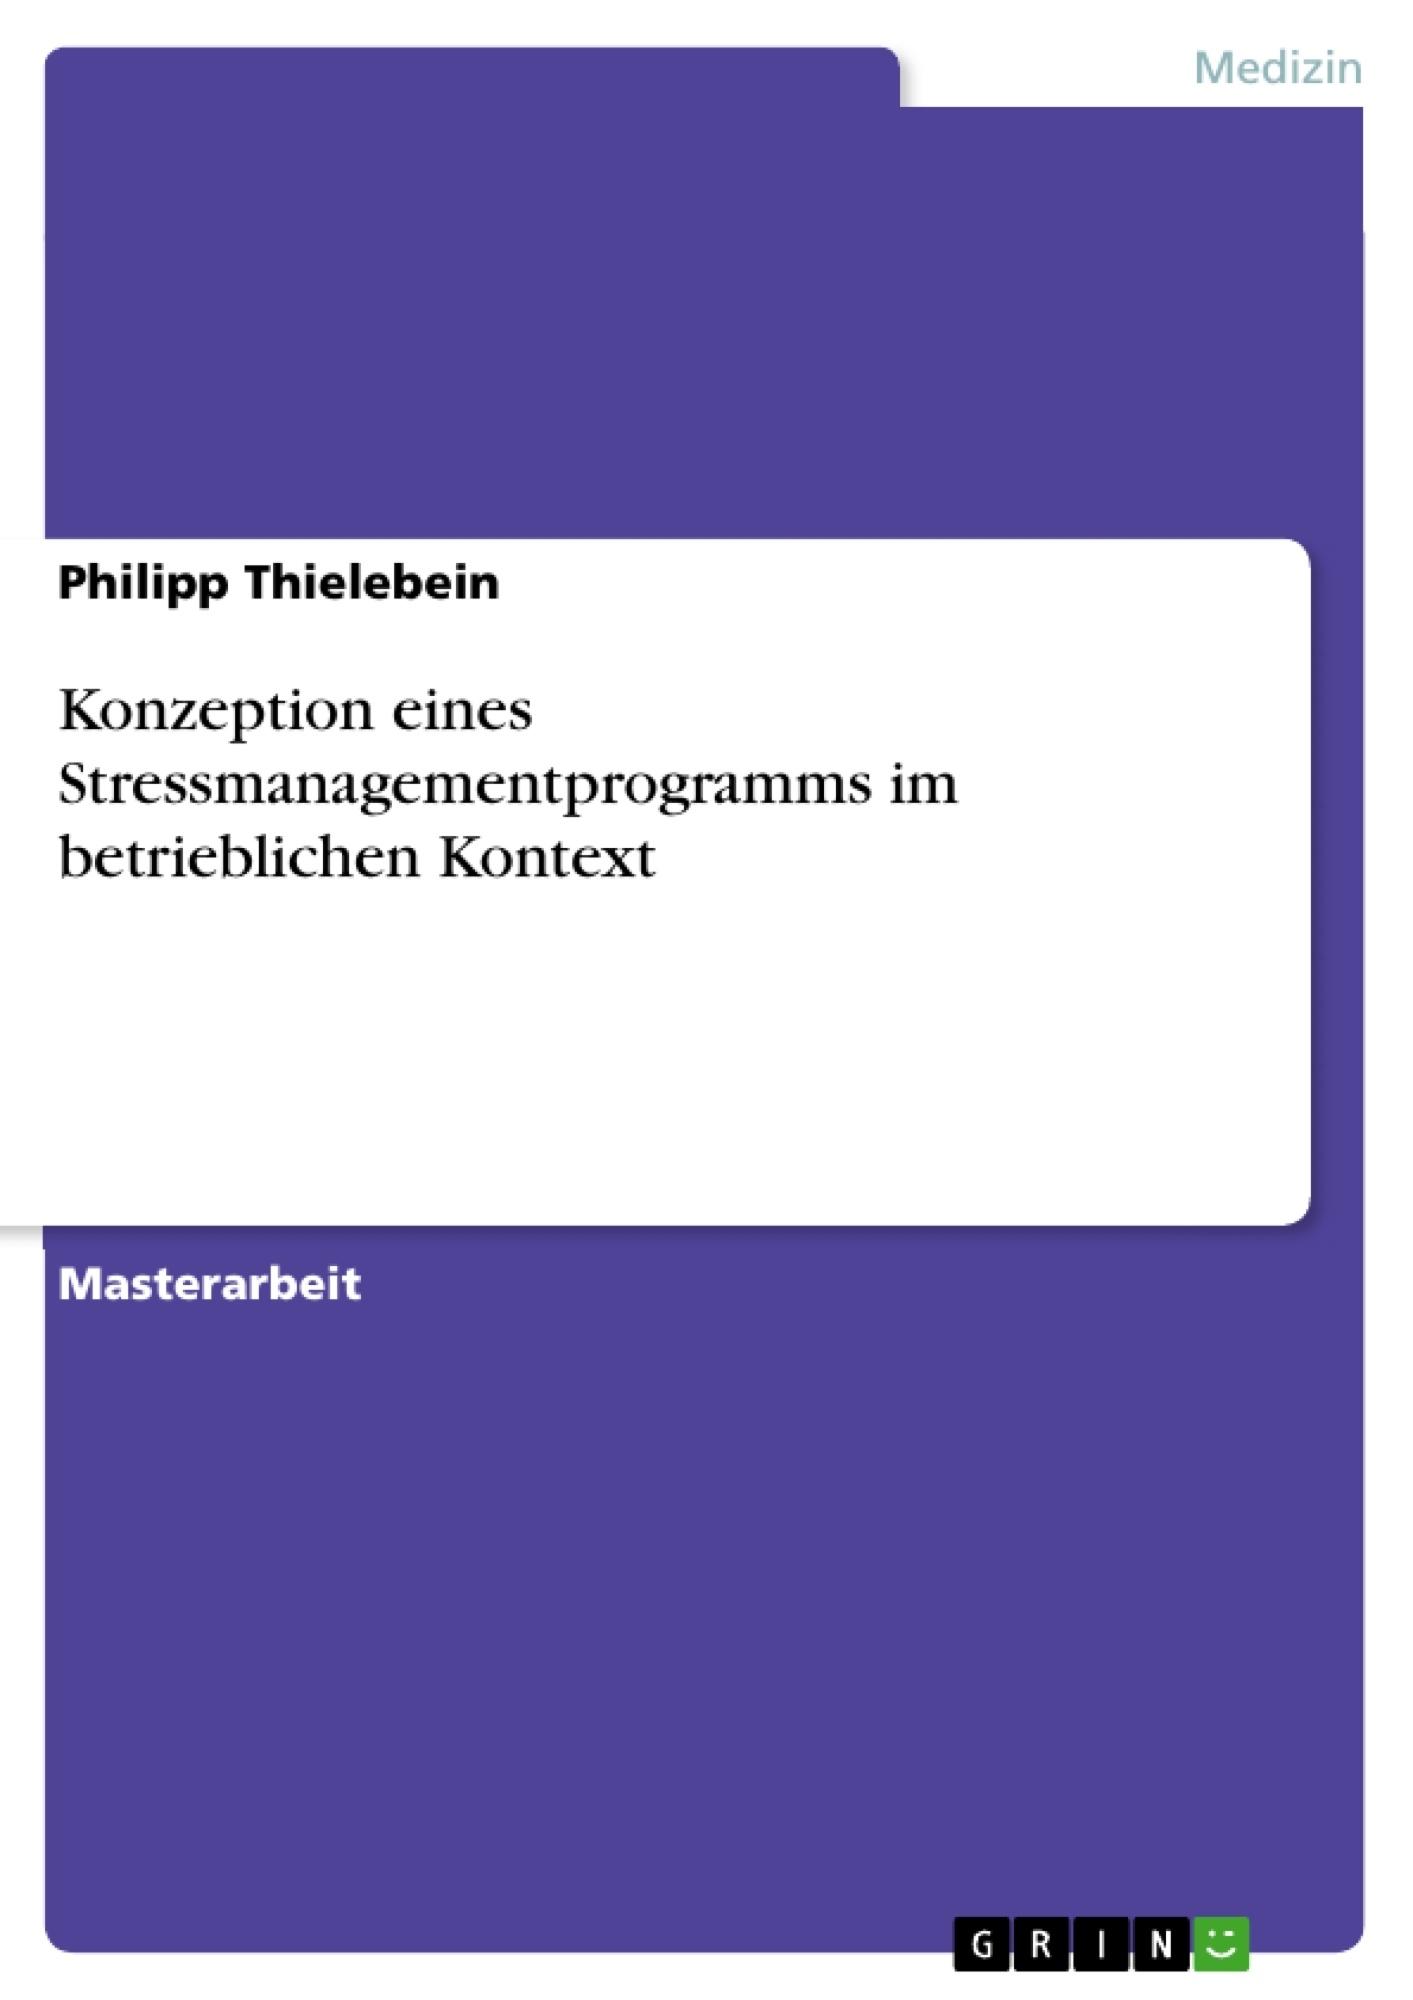 Titel: Konzeption eines Stressmanagementprogramms im betrieblichen Kontext